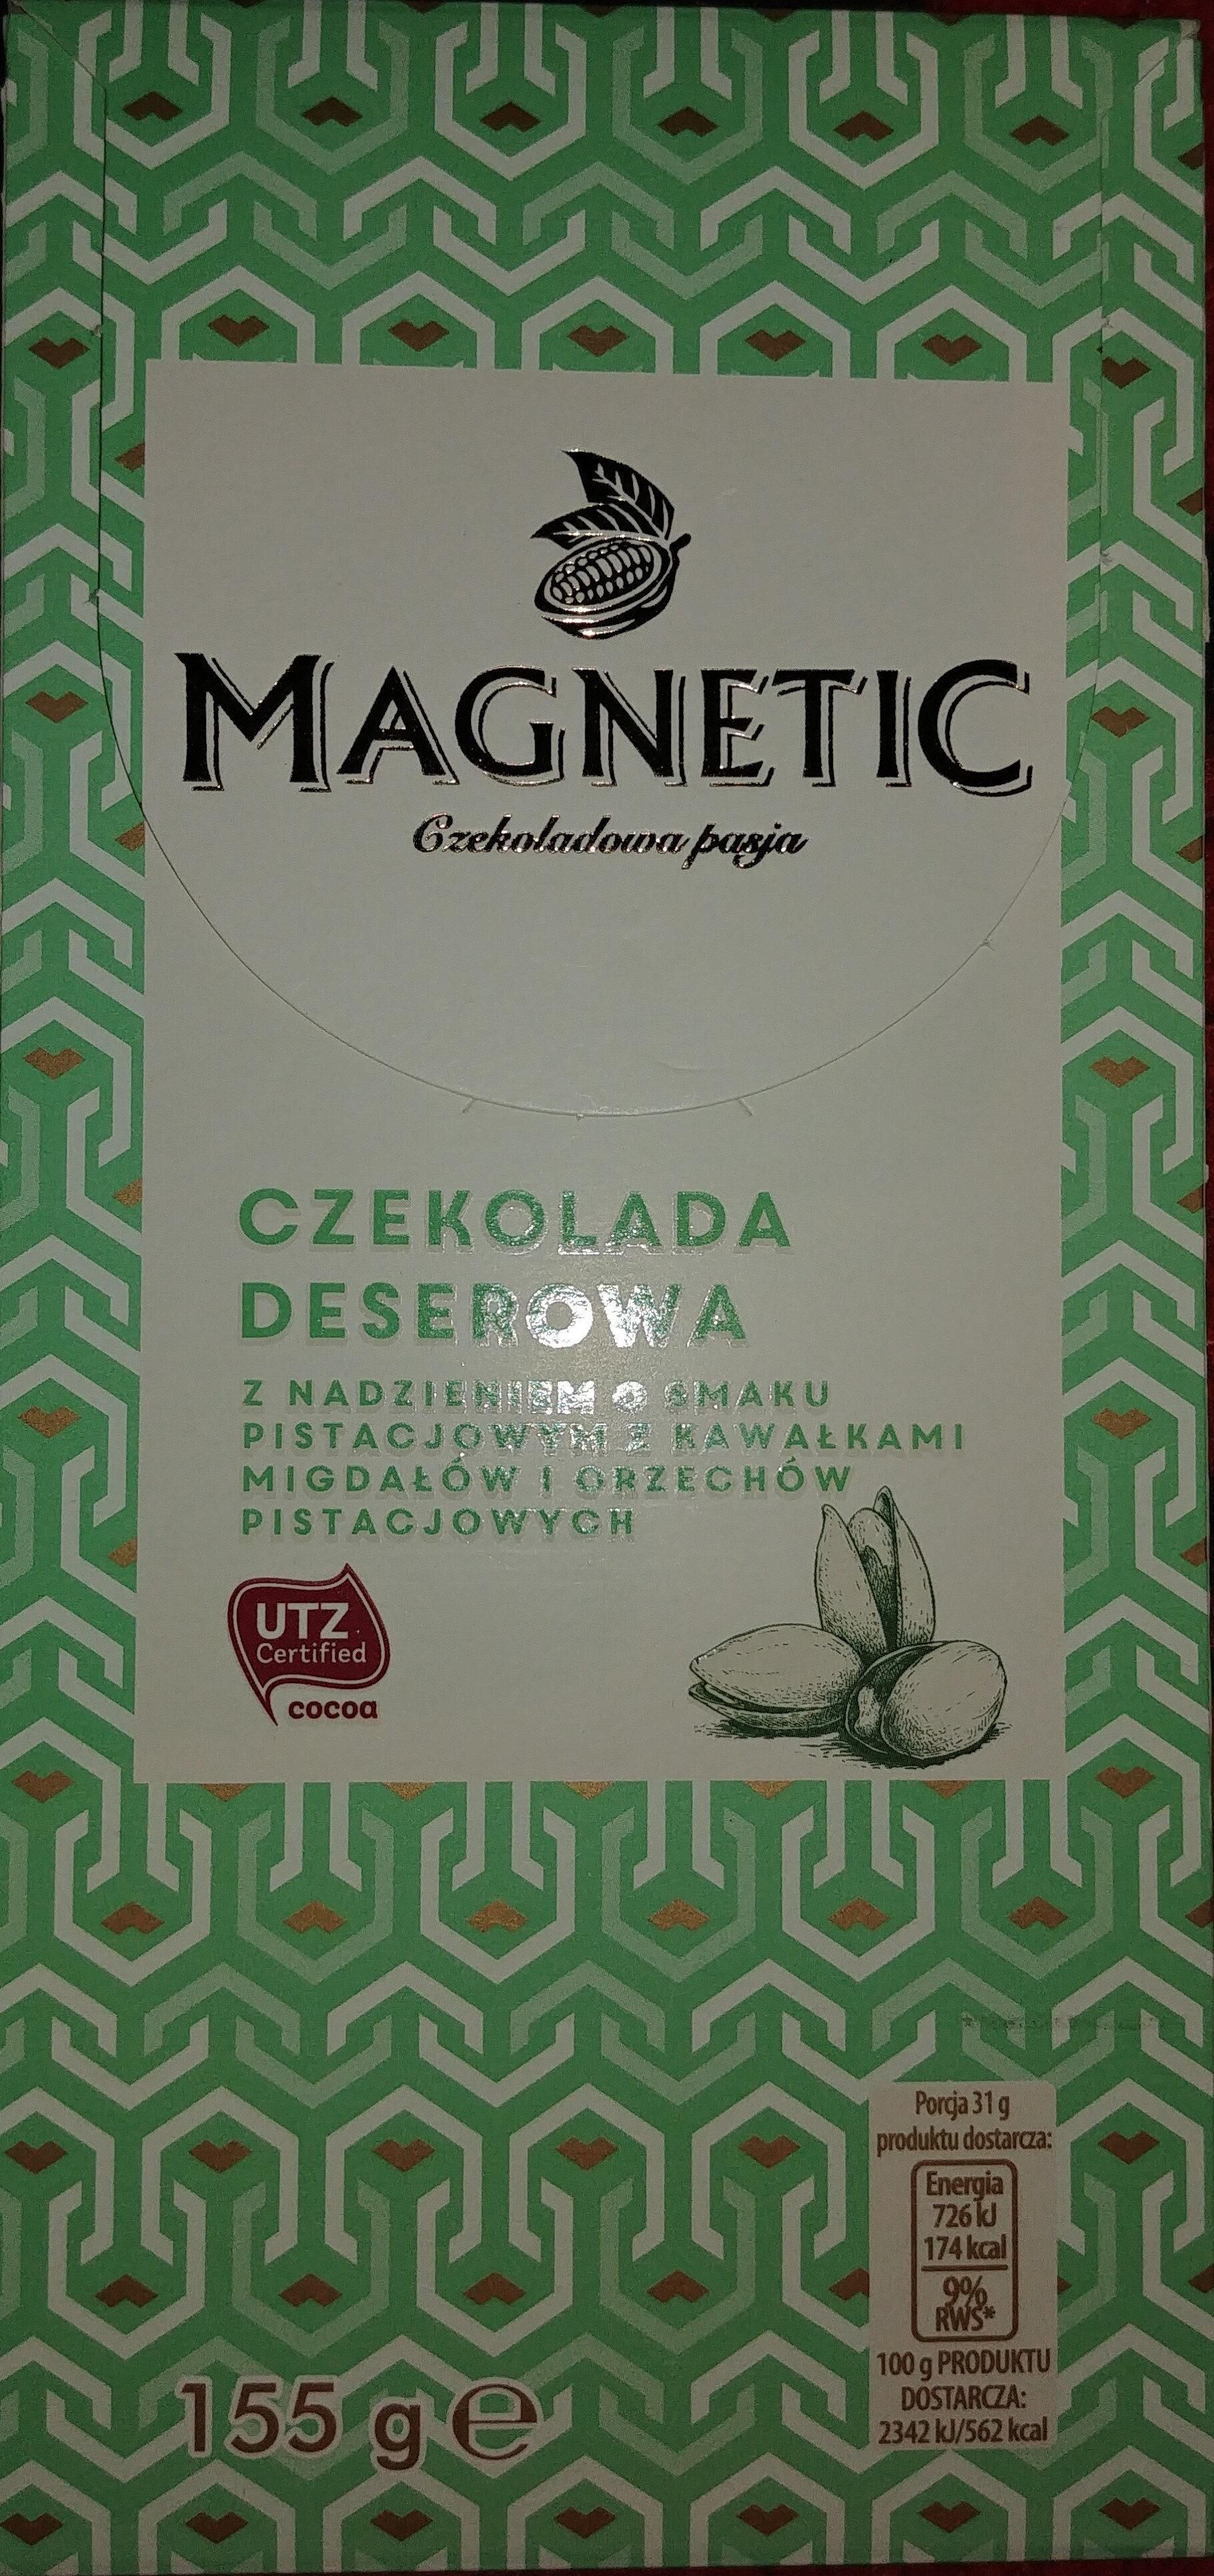 Czekolada deserowa z nadzieniem o smaku pistacjowym z kawałkami migdałów i orzechów pistacjowych - Produkt